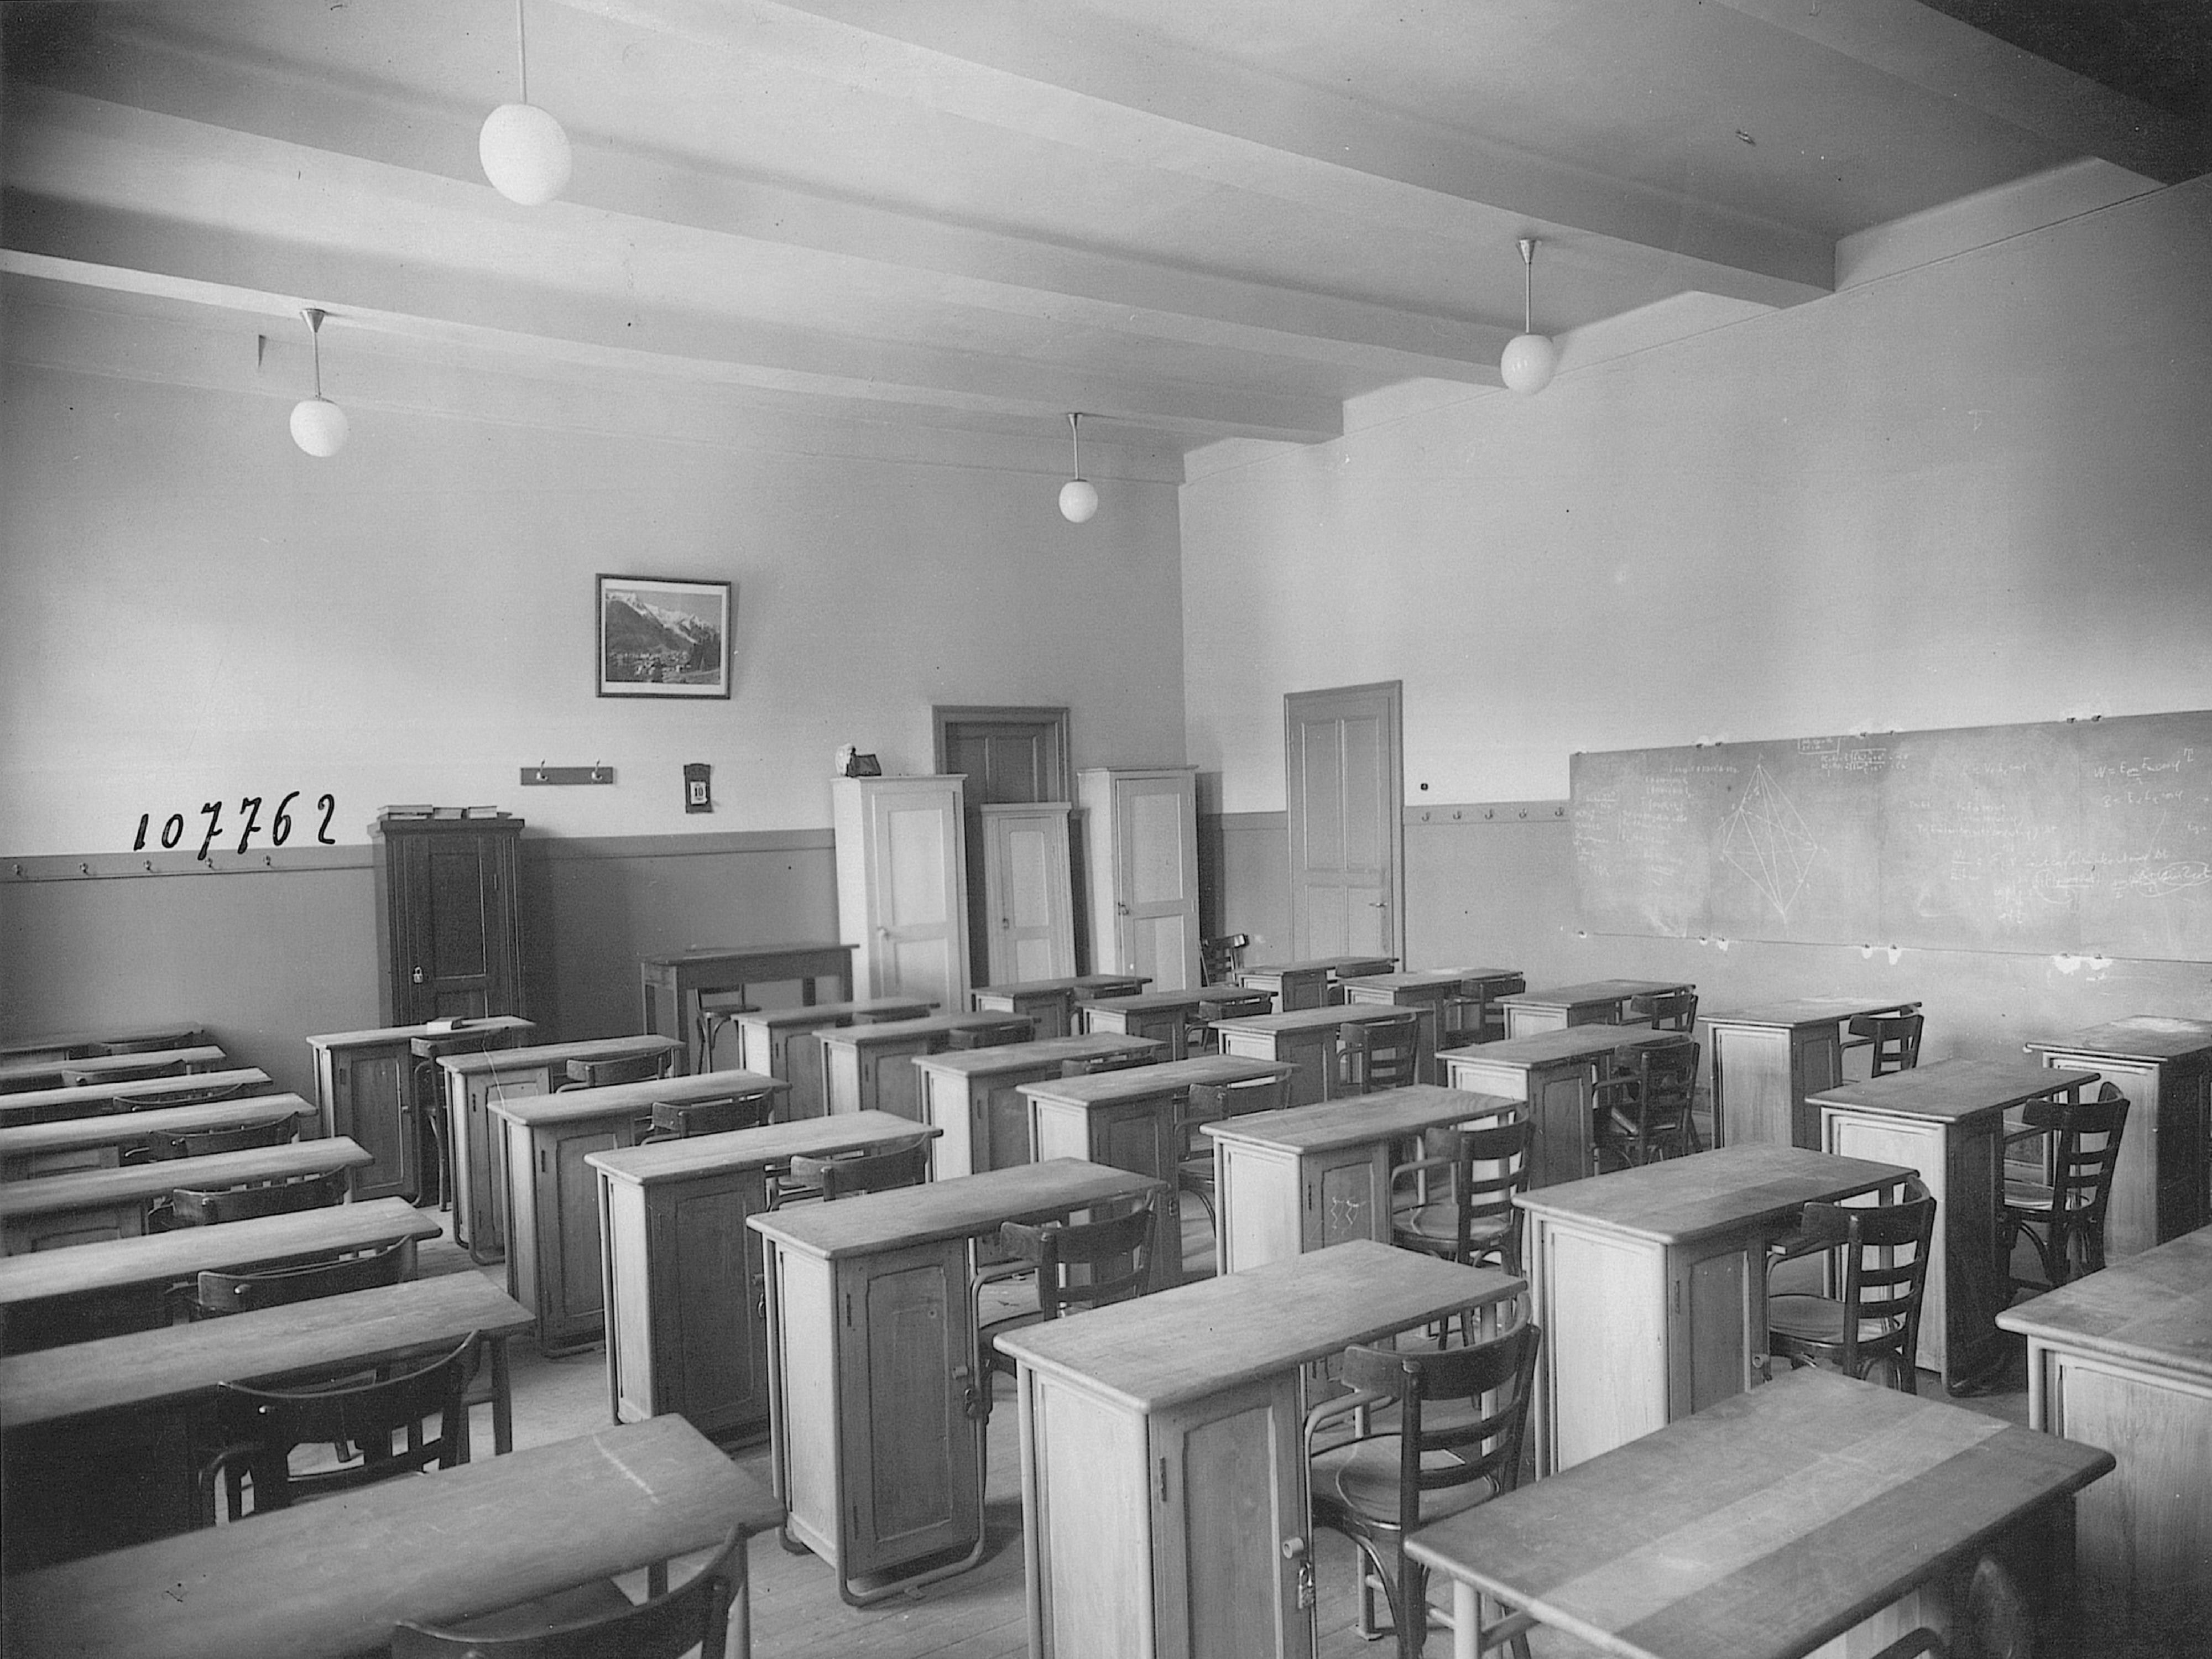 Inconnu - Sans titre –Vers 1940 Salle de classe